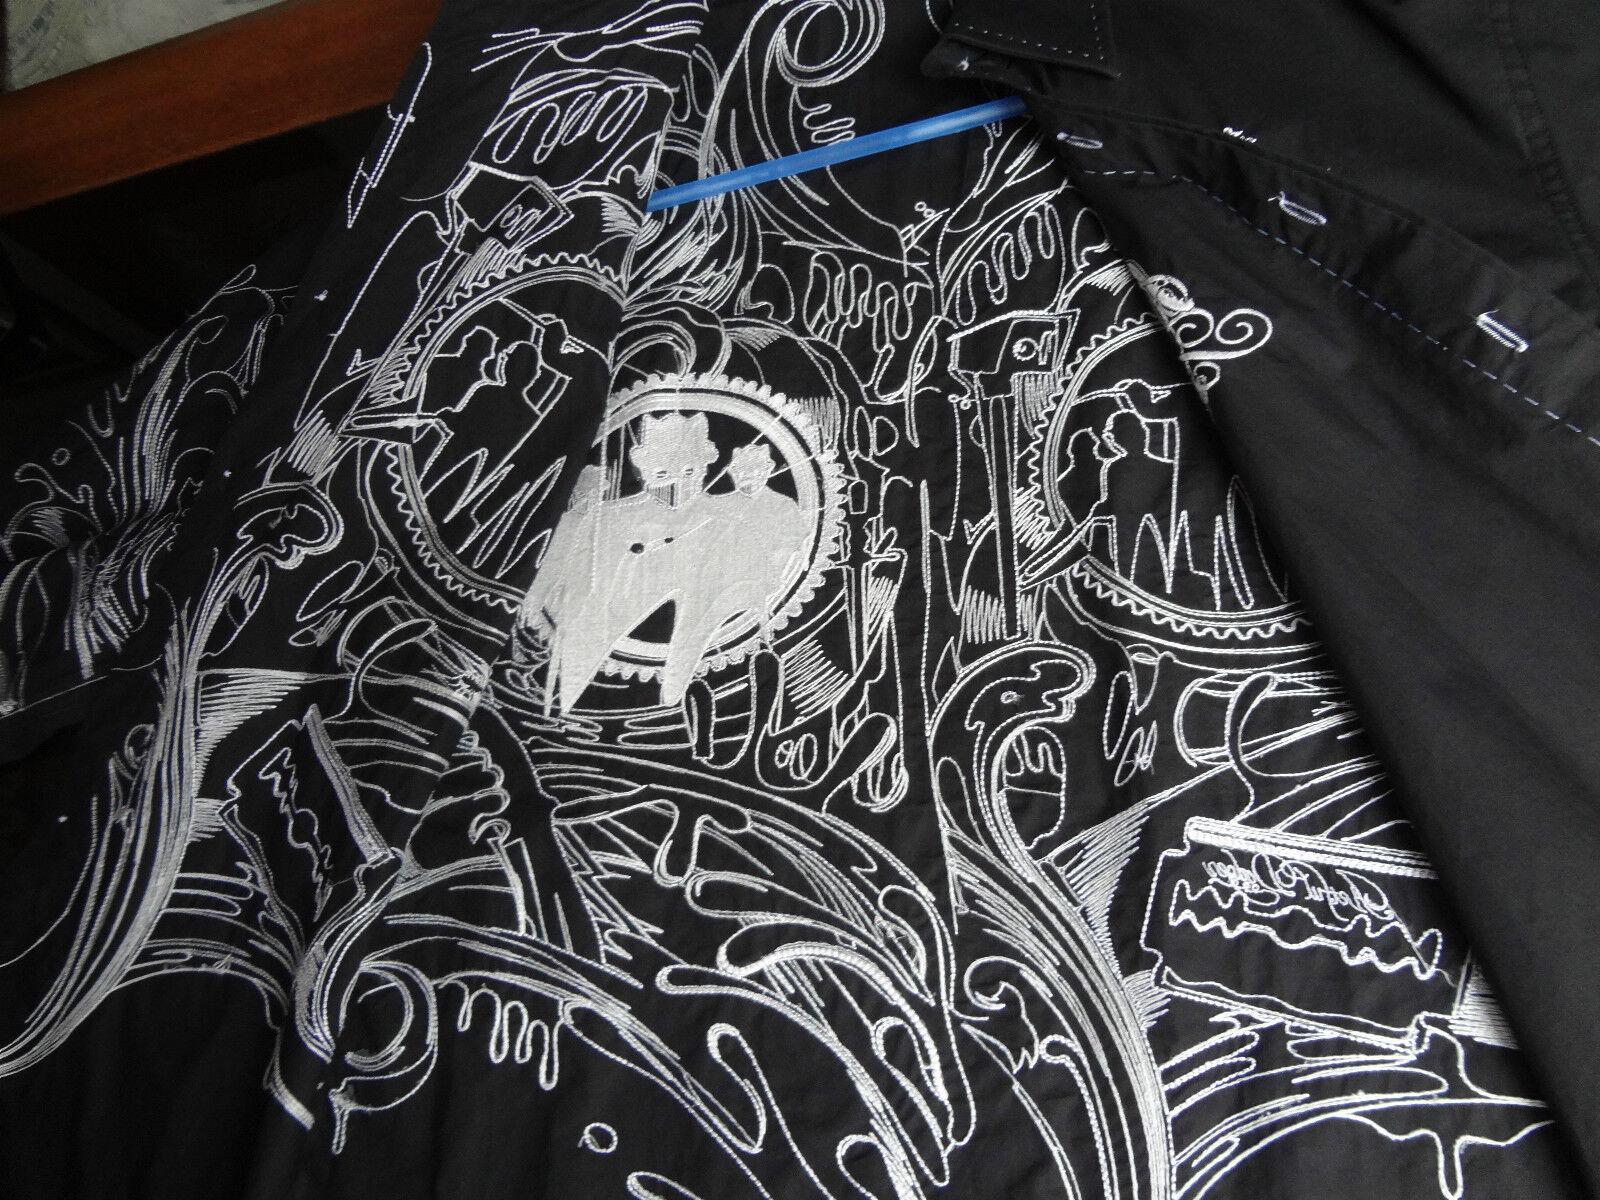 Camicia UOMO MAN. lunga alla moda Nero Camicia Maniche Maniche Maniche nero goth vampiri EMU d83edf